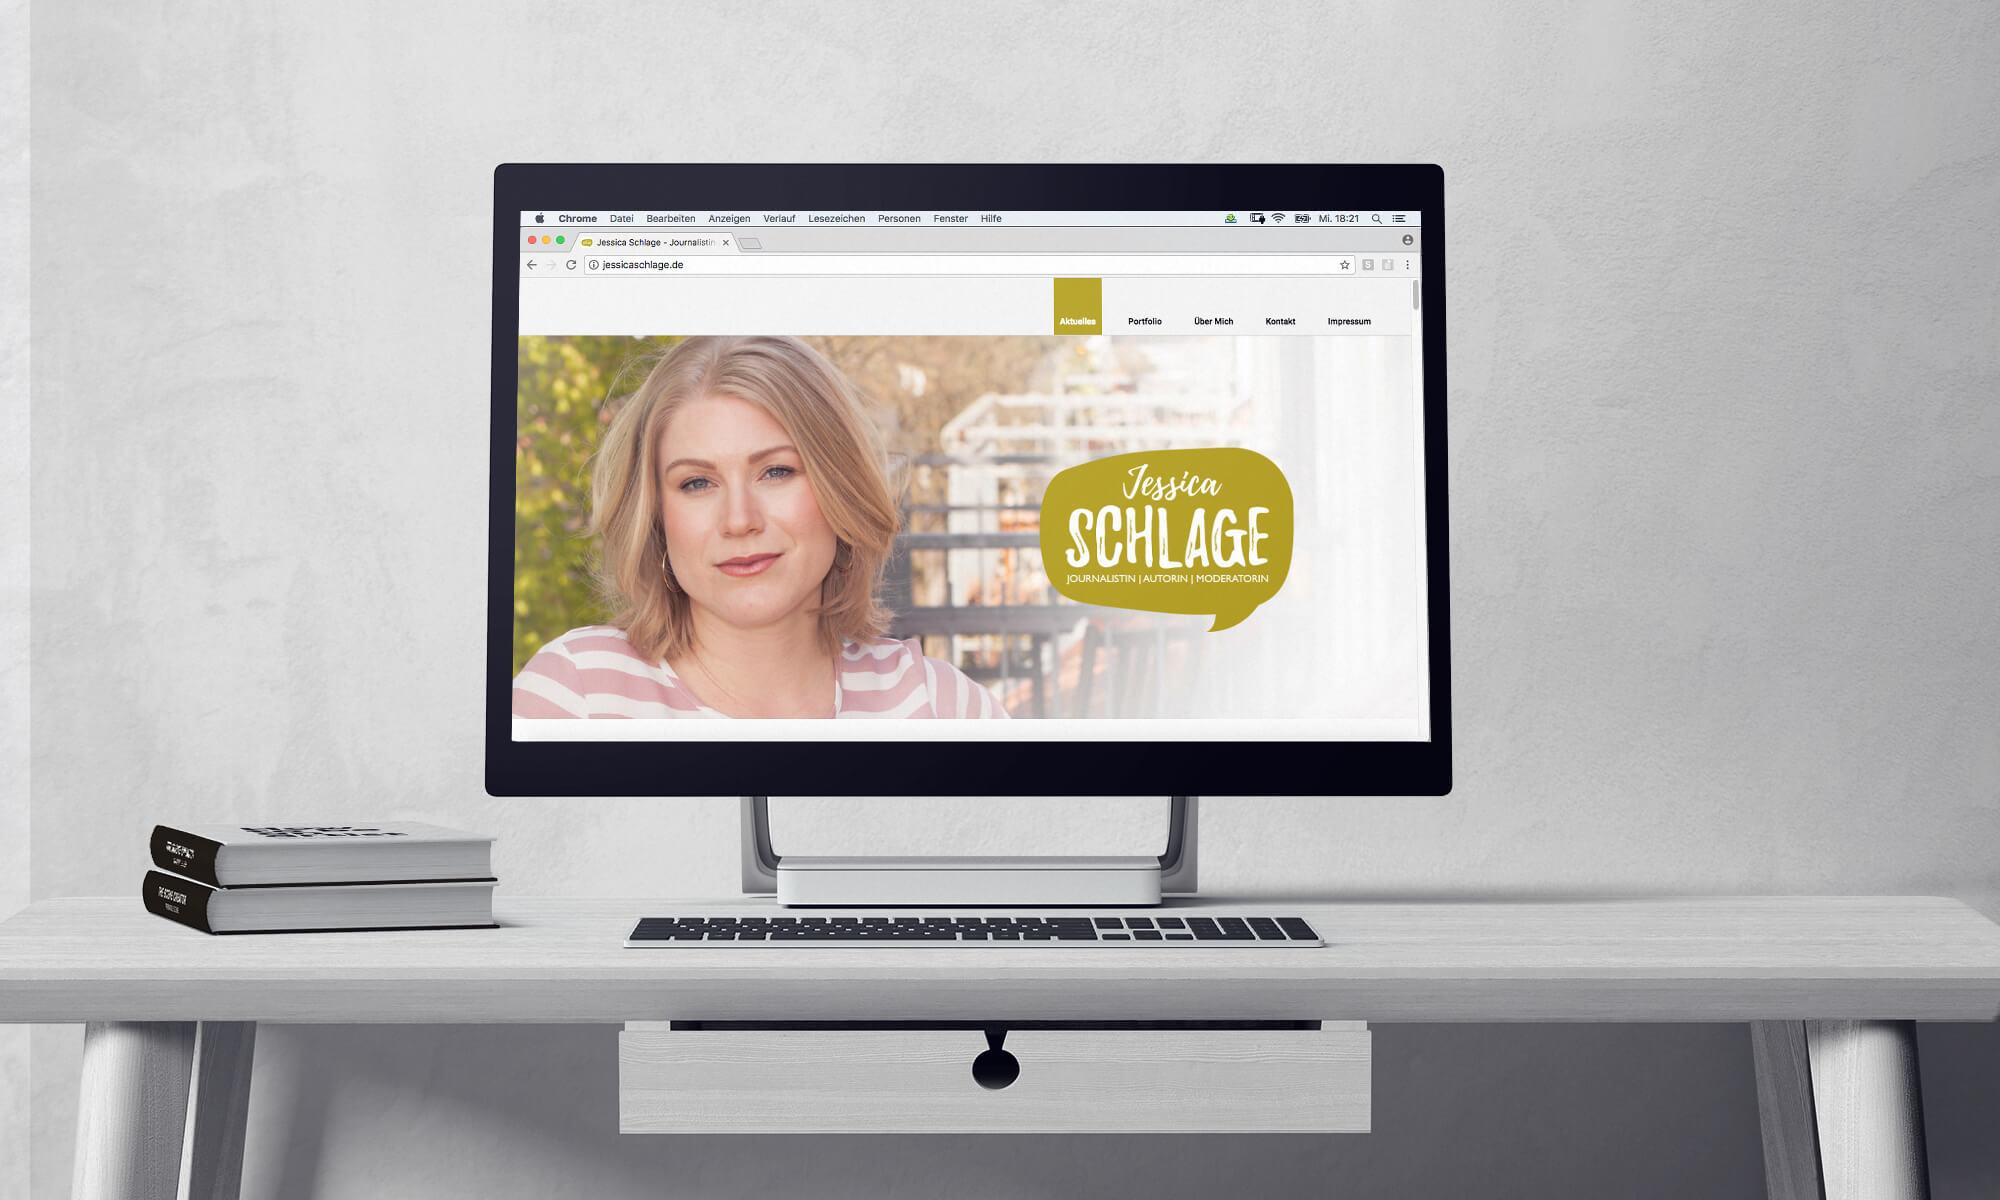 Jessica Schlage - Webseite